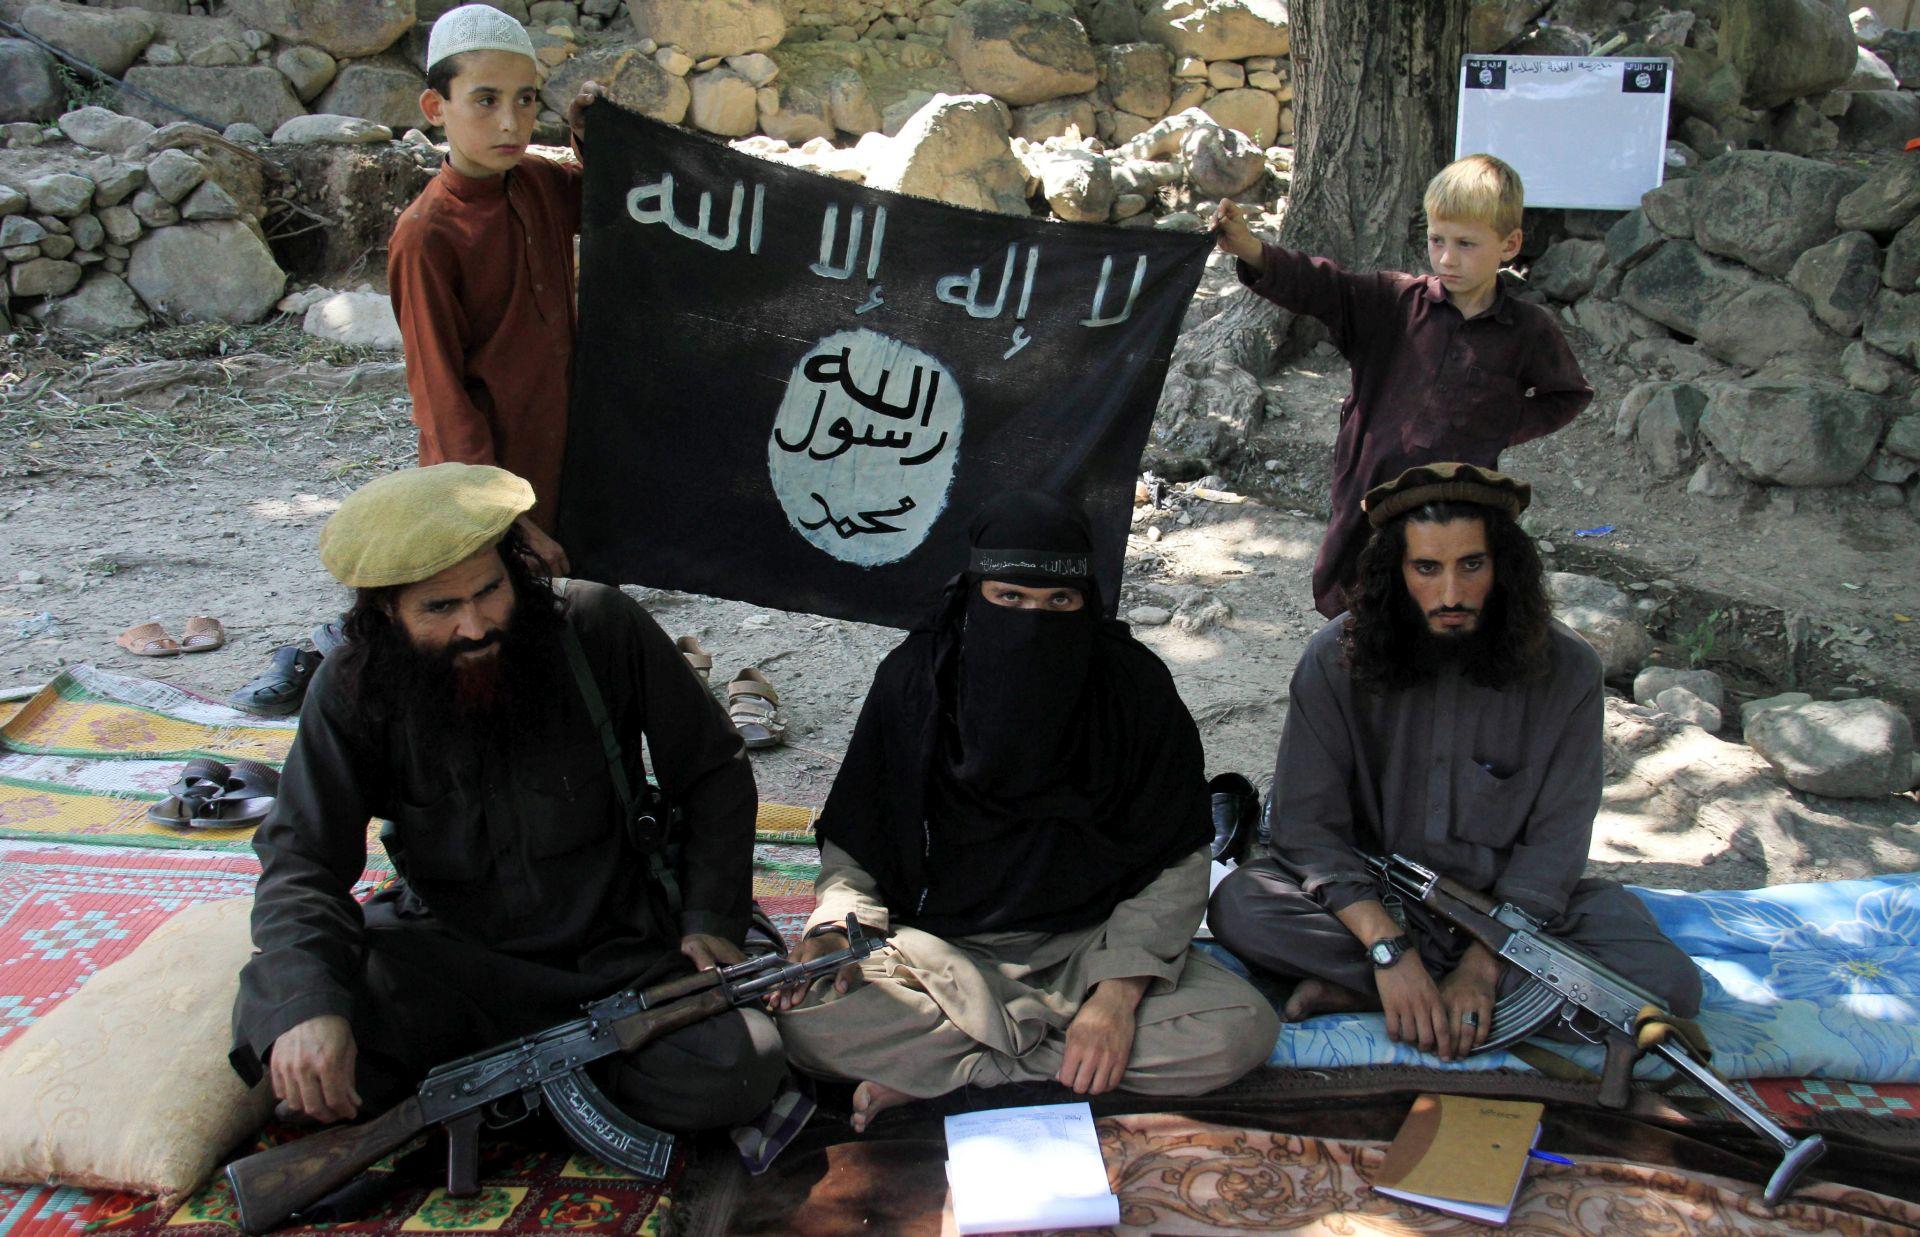 POBUNILI SE PROTIV OKRUTNOSTI: IS likvidirao suparničke borce u Libiji